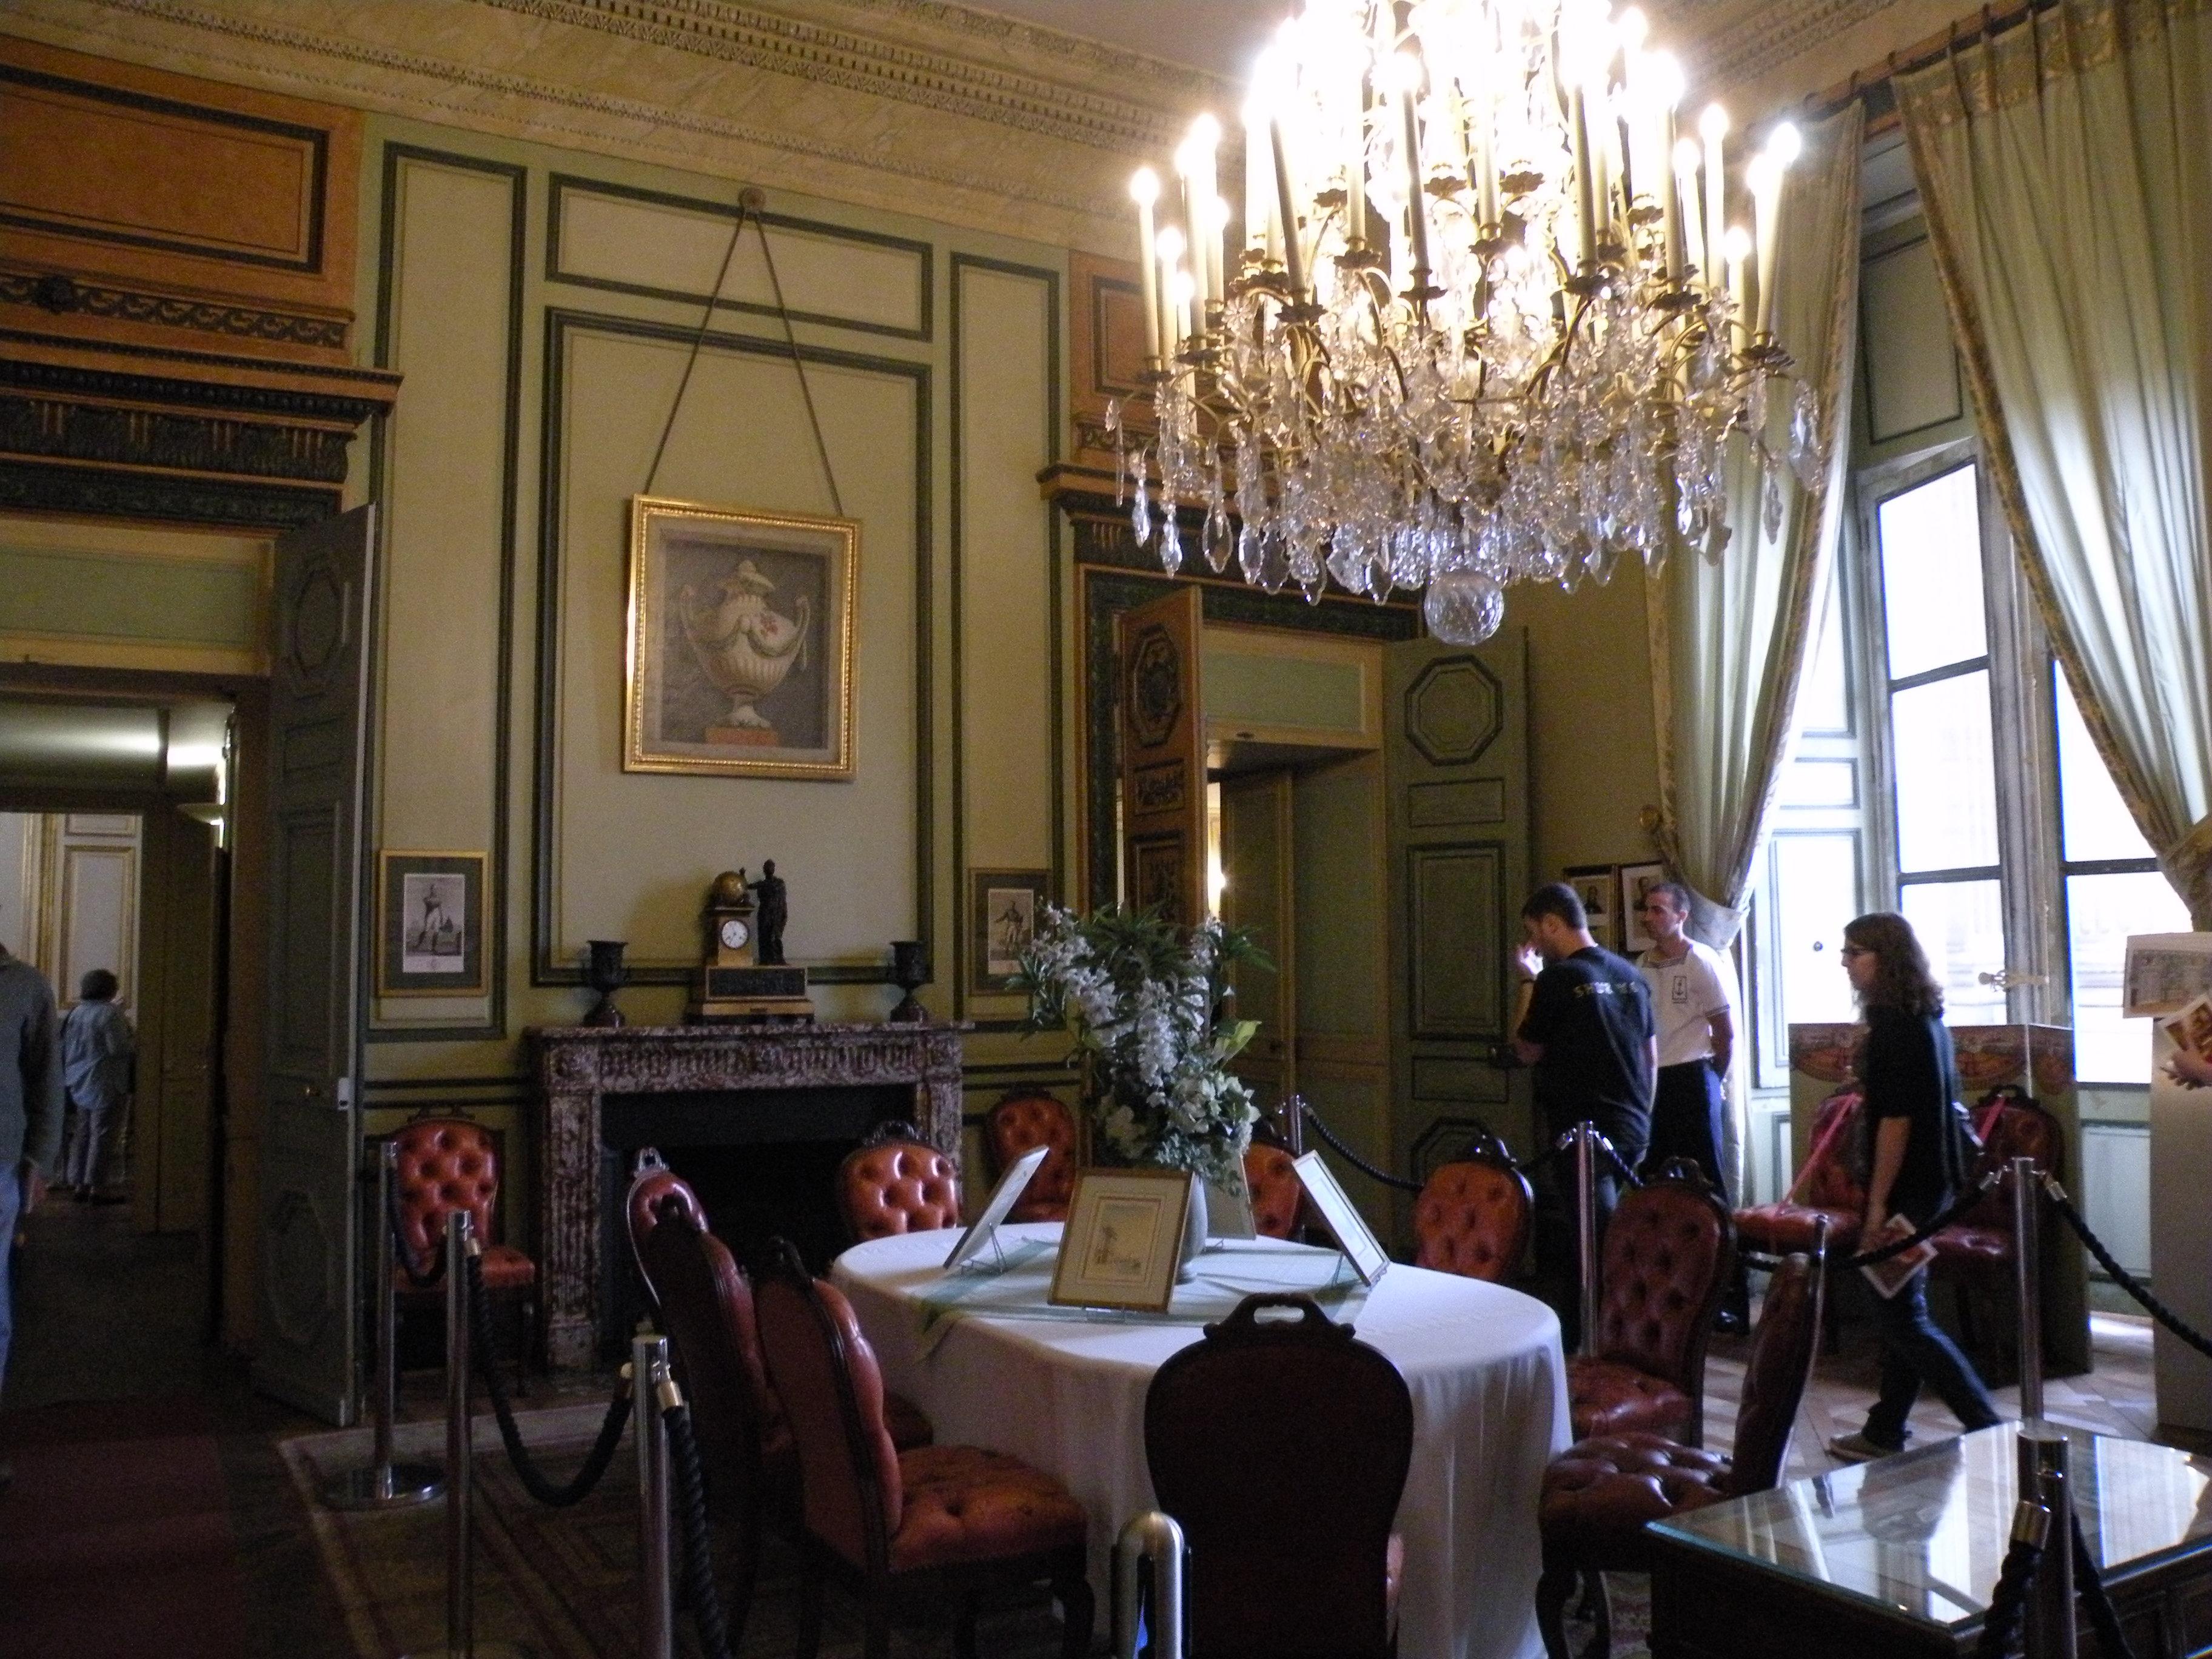 Salle A Manger Paris file:hôtel de la marine (paris) salle a manger d'honneur 1